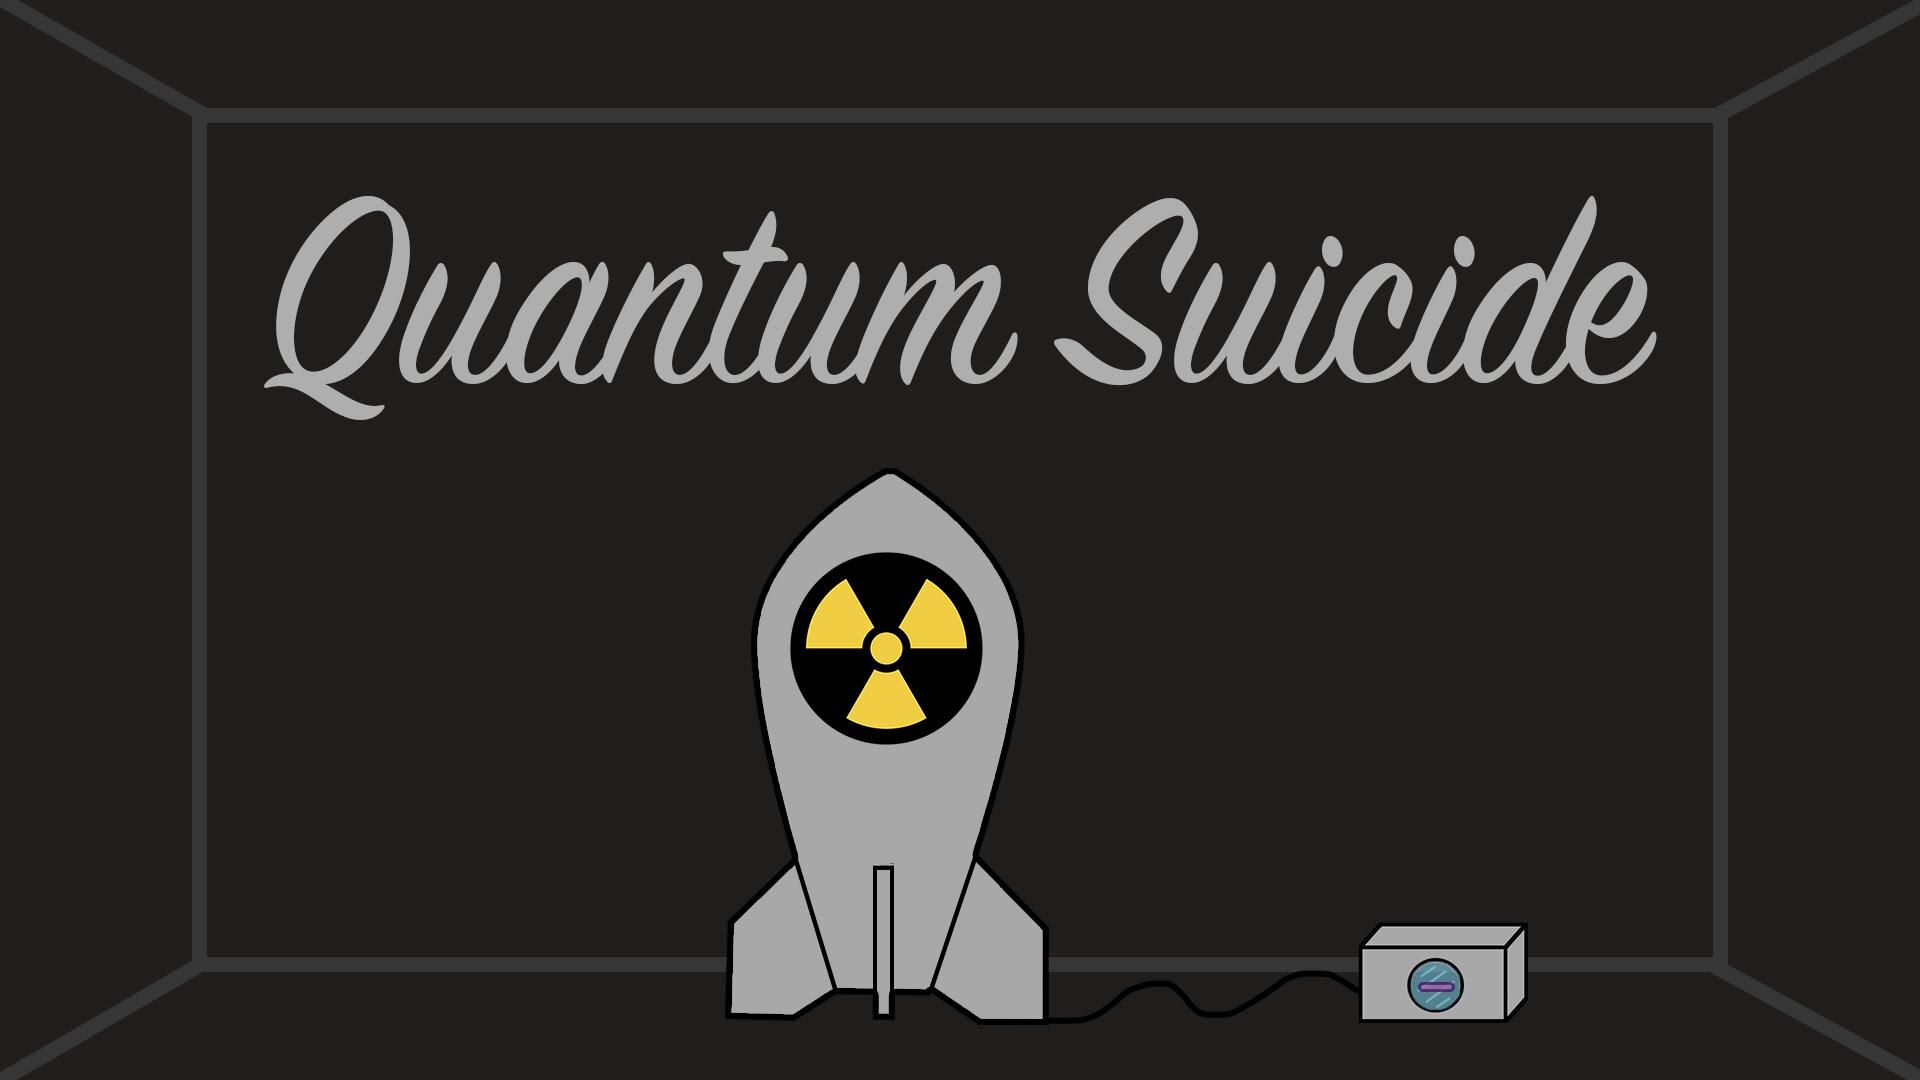 Immortality Through Quantum Suicide